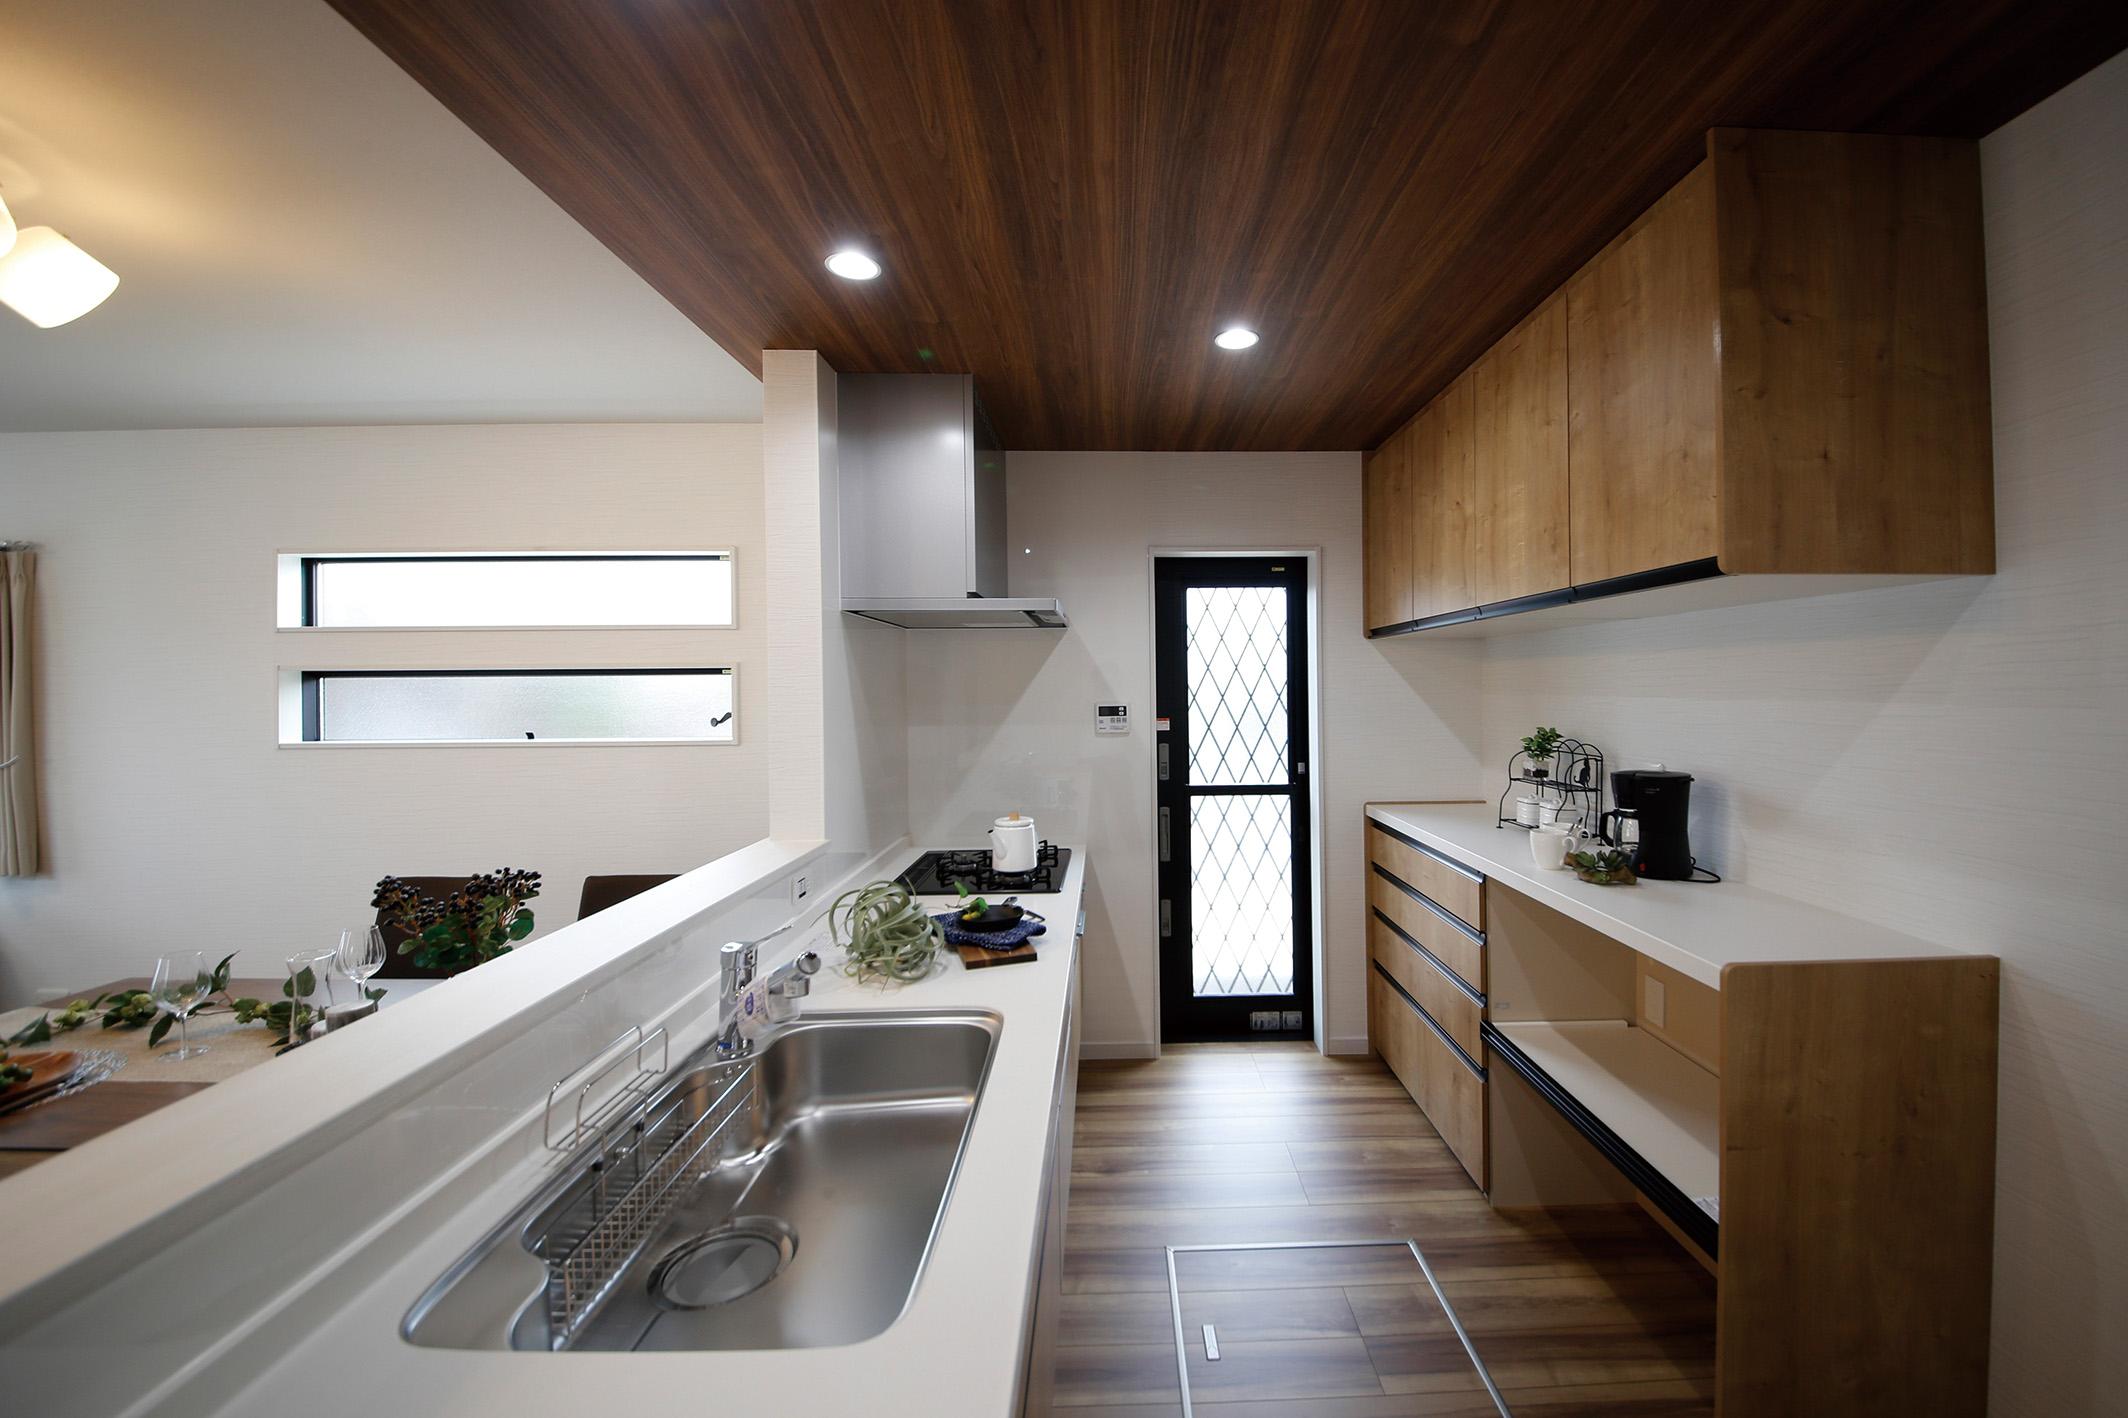 現地モデルハウスのキッチン。(2020年6月撮影)対面式キッチンなのでご家族とのコミュニケーションが弾みます。カップボードなどの収納スペースも充実しています。